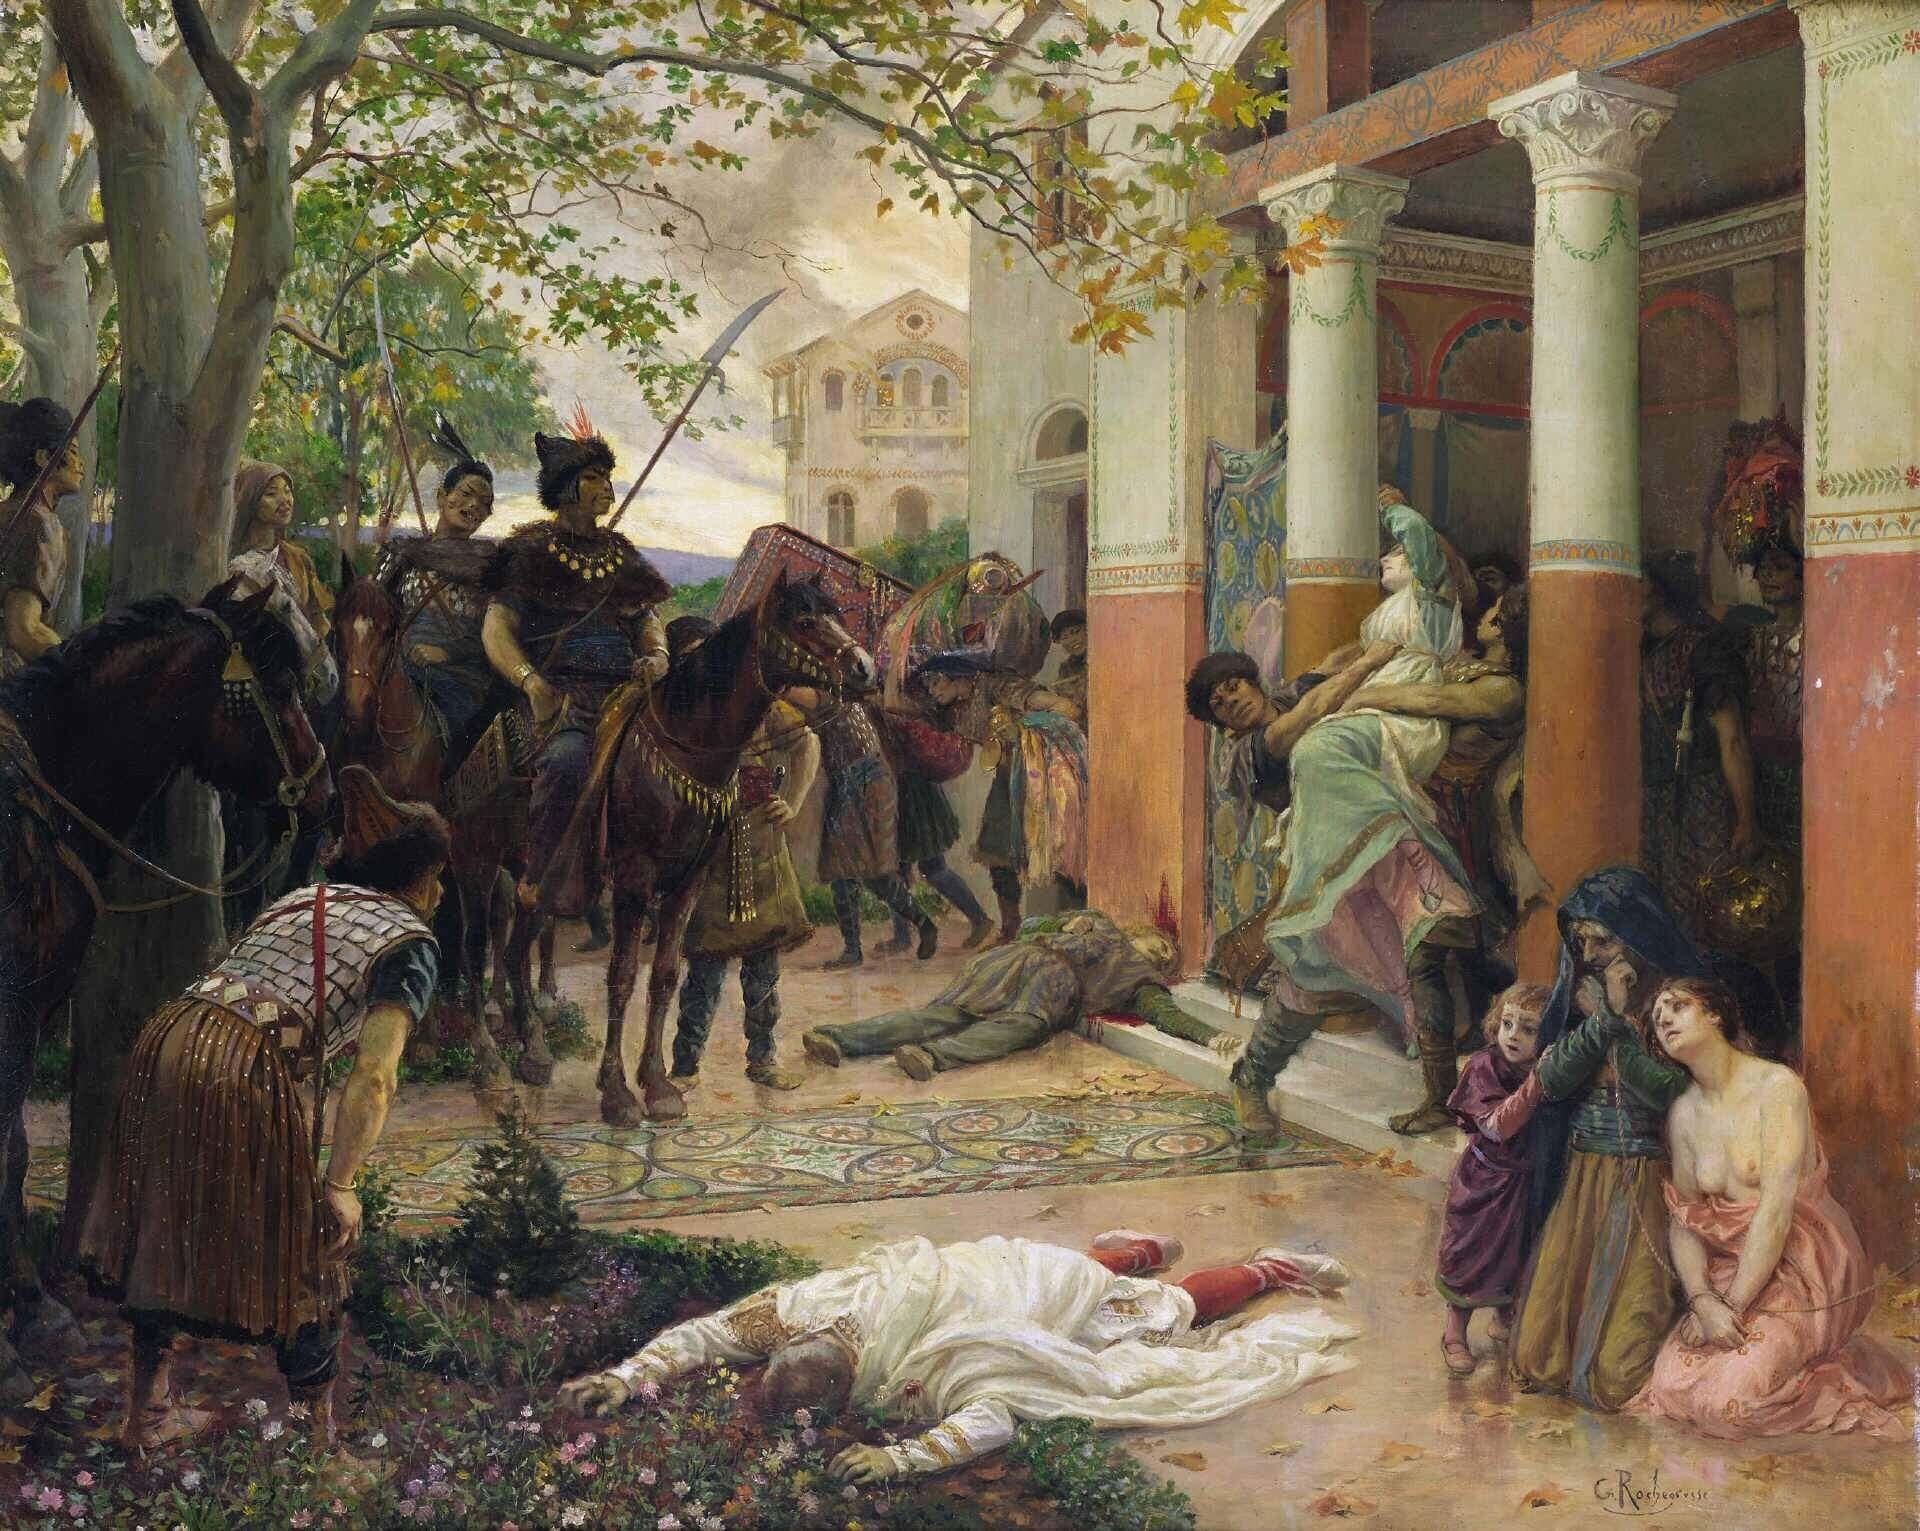 Римская вилла в Галлии разграблена ордами гуннов Аттилы Жорж Рошгросс